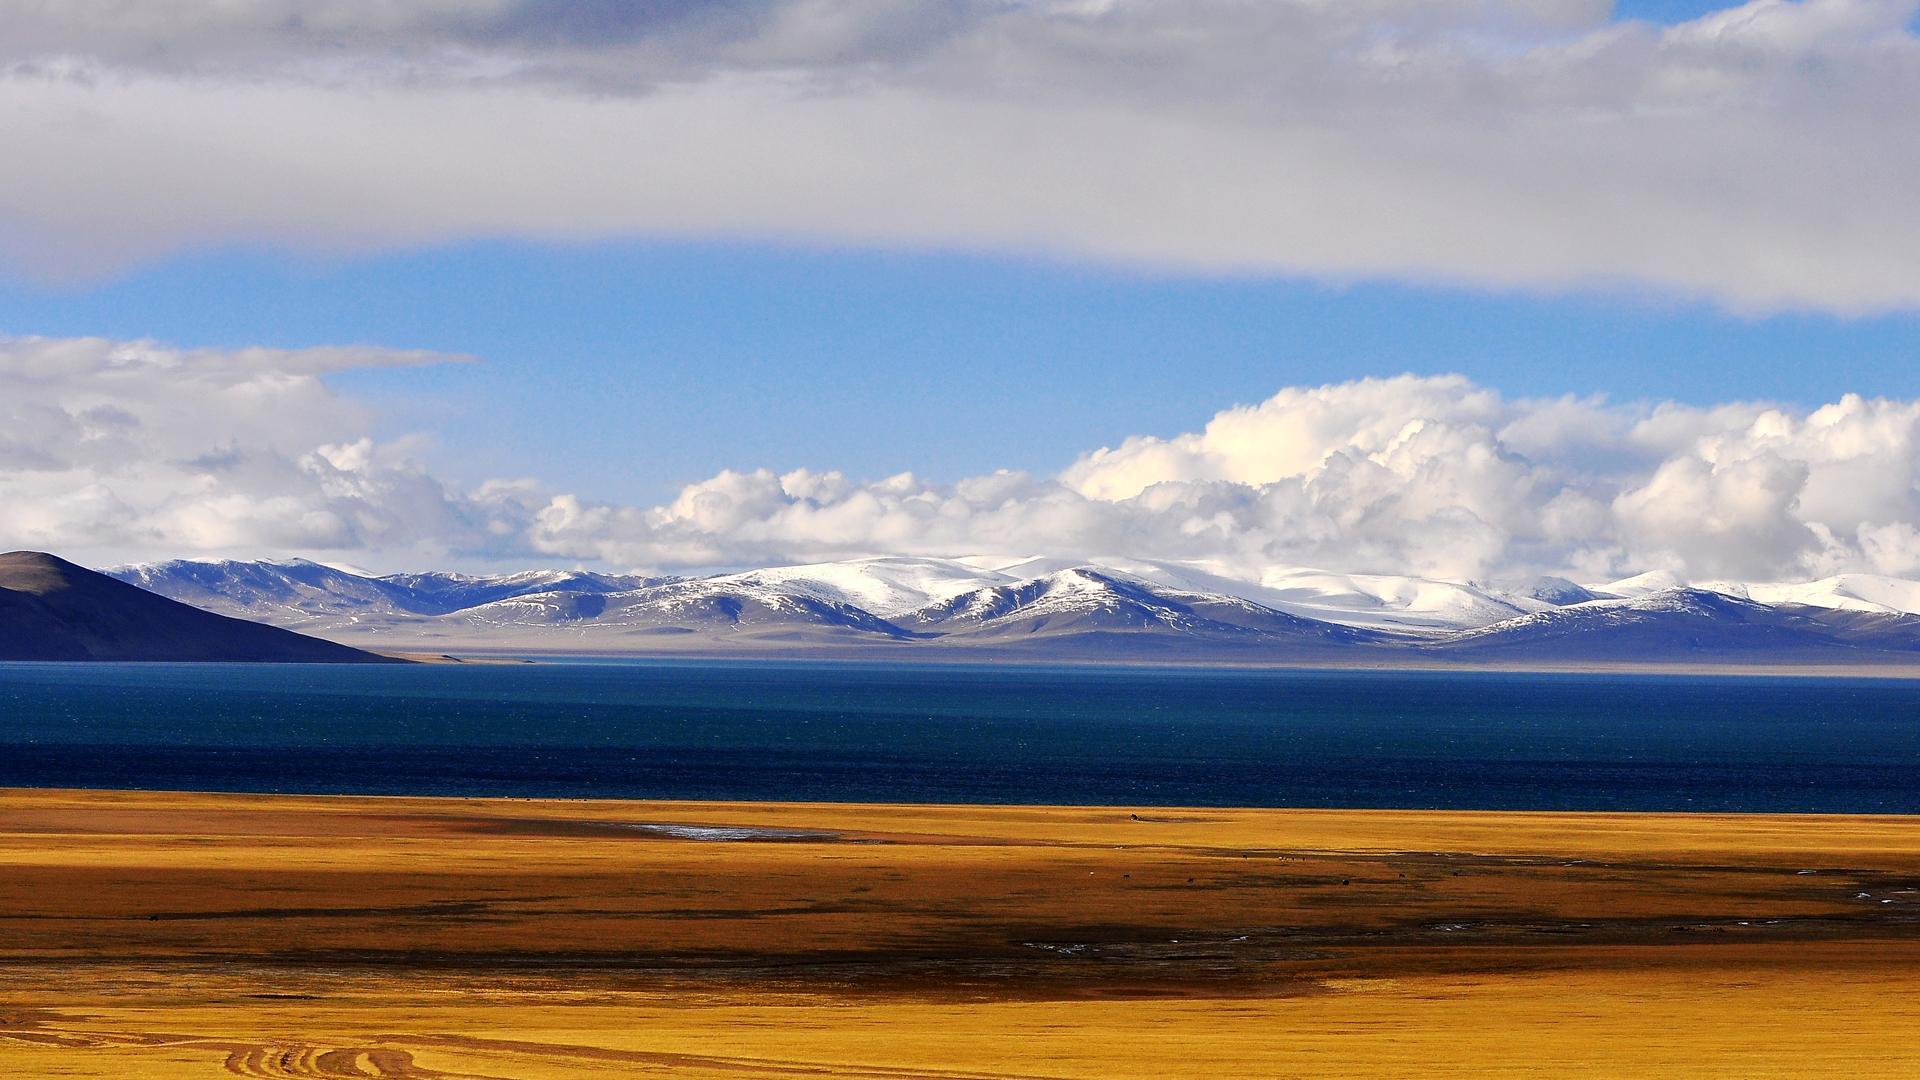 藏区山水牛羊风景图片